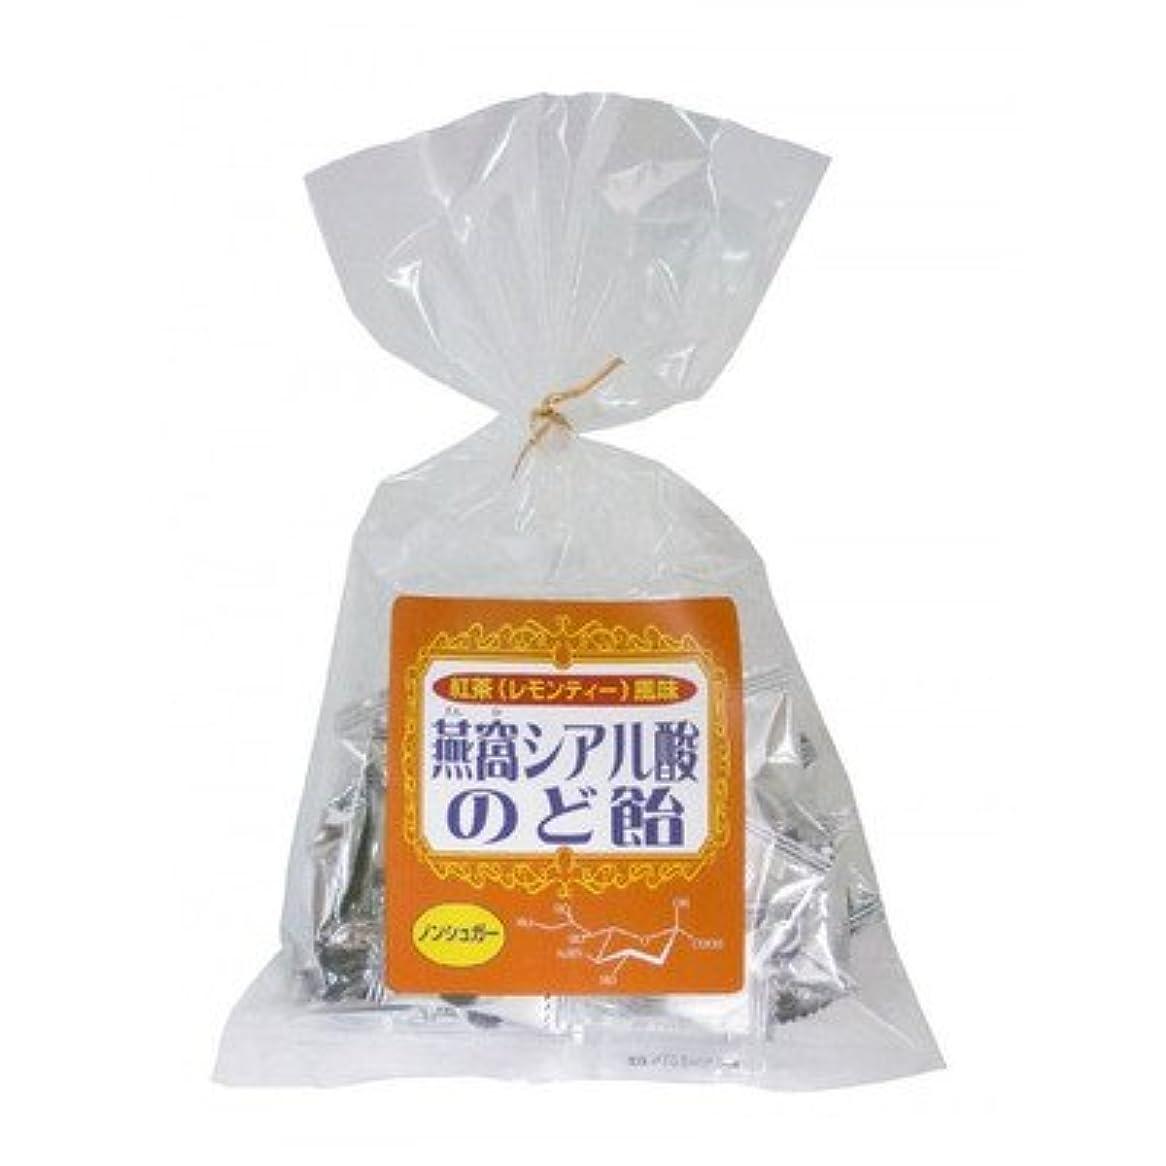 基準差別的非常に燕窩シアル酸のど飴ノンシュガー 紅茶(レモンティー)風味 87g×3袋